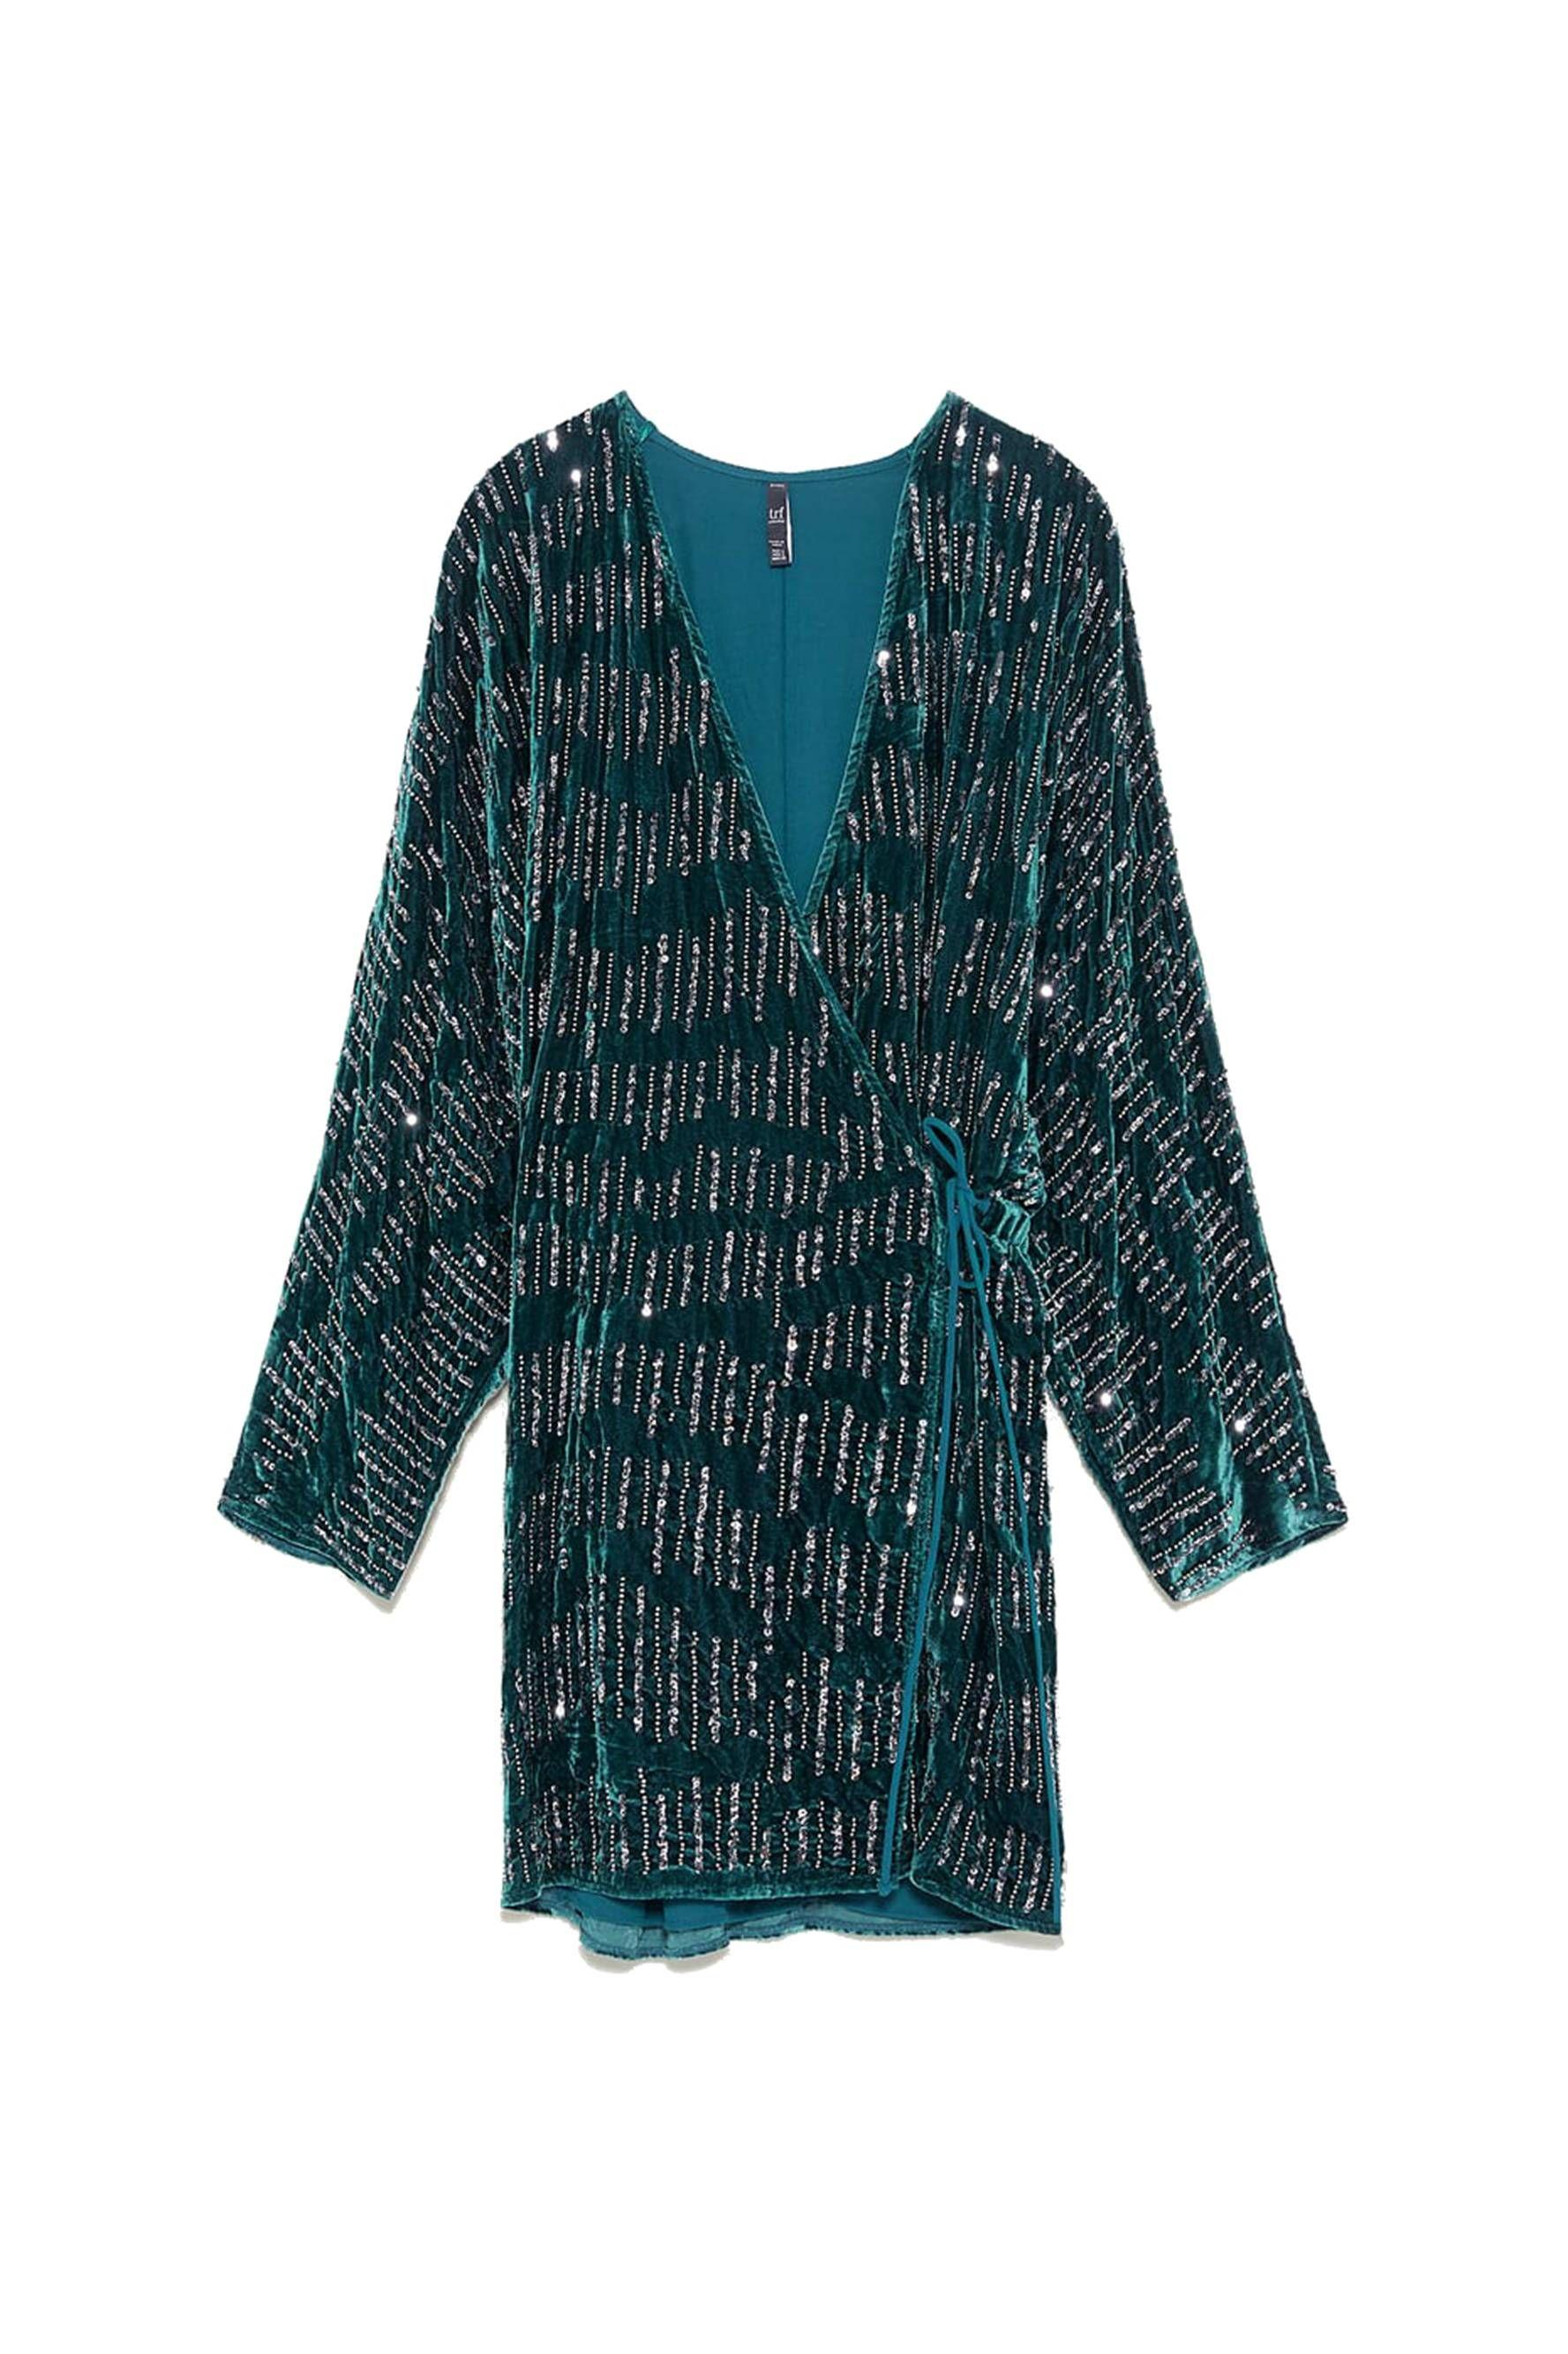 069258e42e Los vestidos de terciopelo que arrasarán este invierno - Vestidos de  terciopelo fiesta